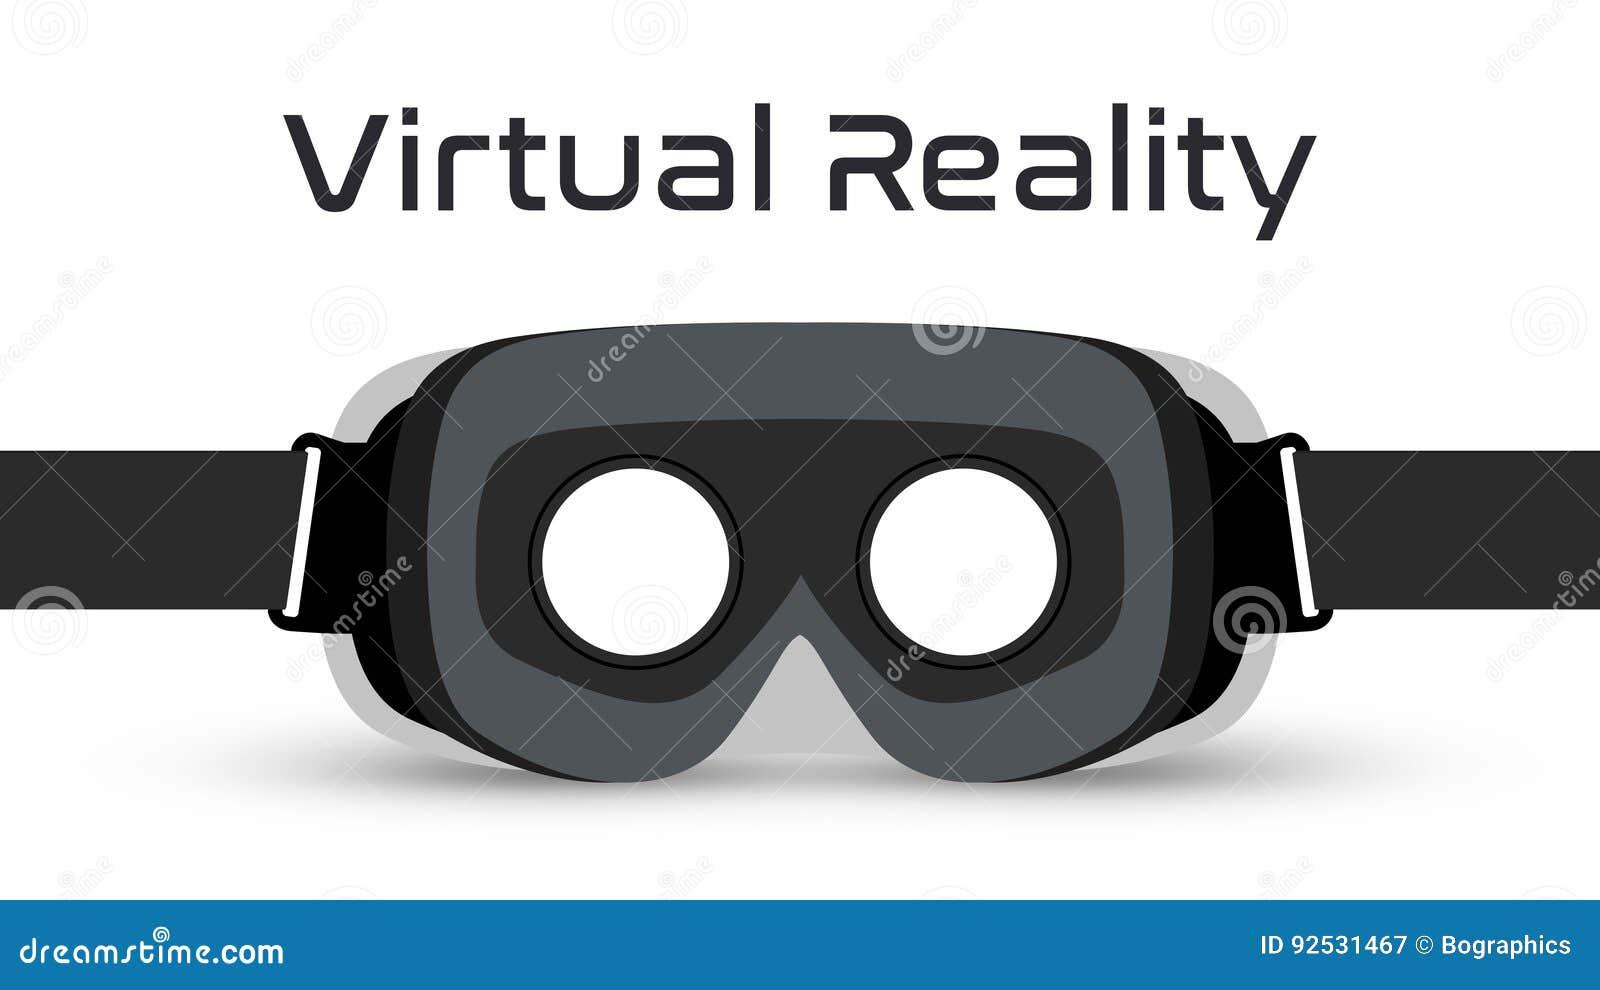 Kopfhörer-Vektor der virtuellen Realität der Schutzbrillen-VR